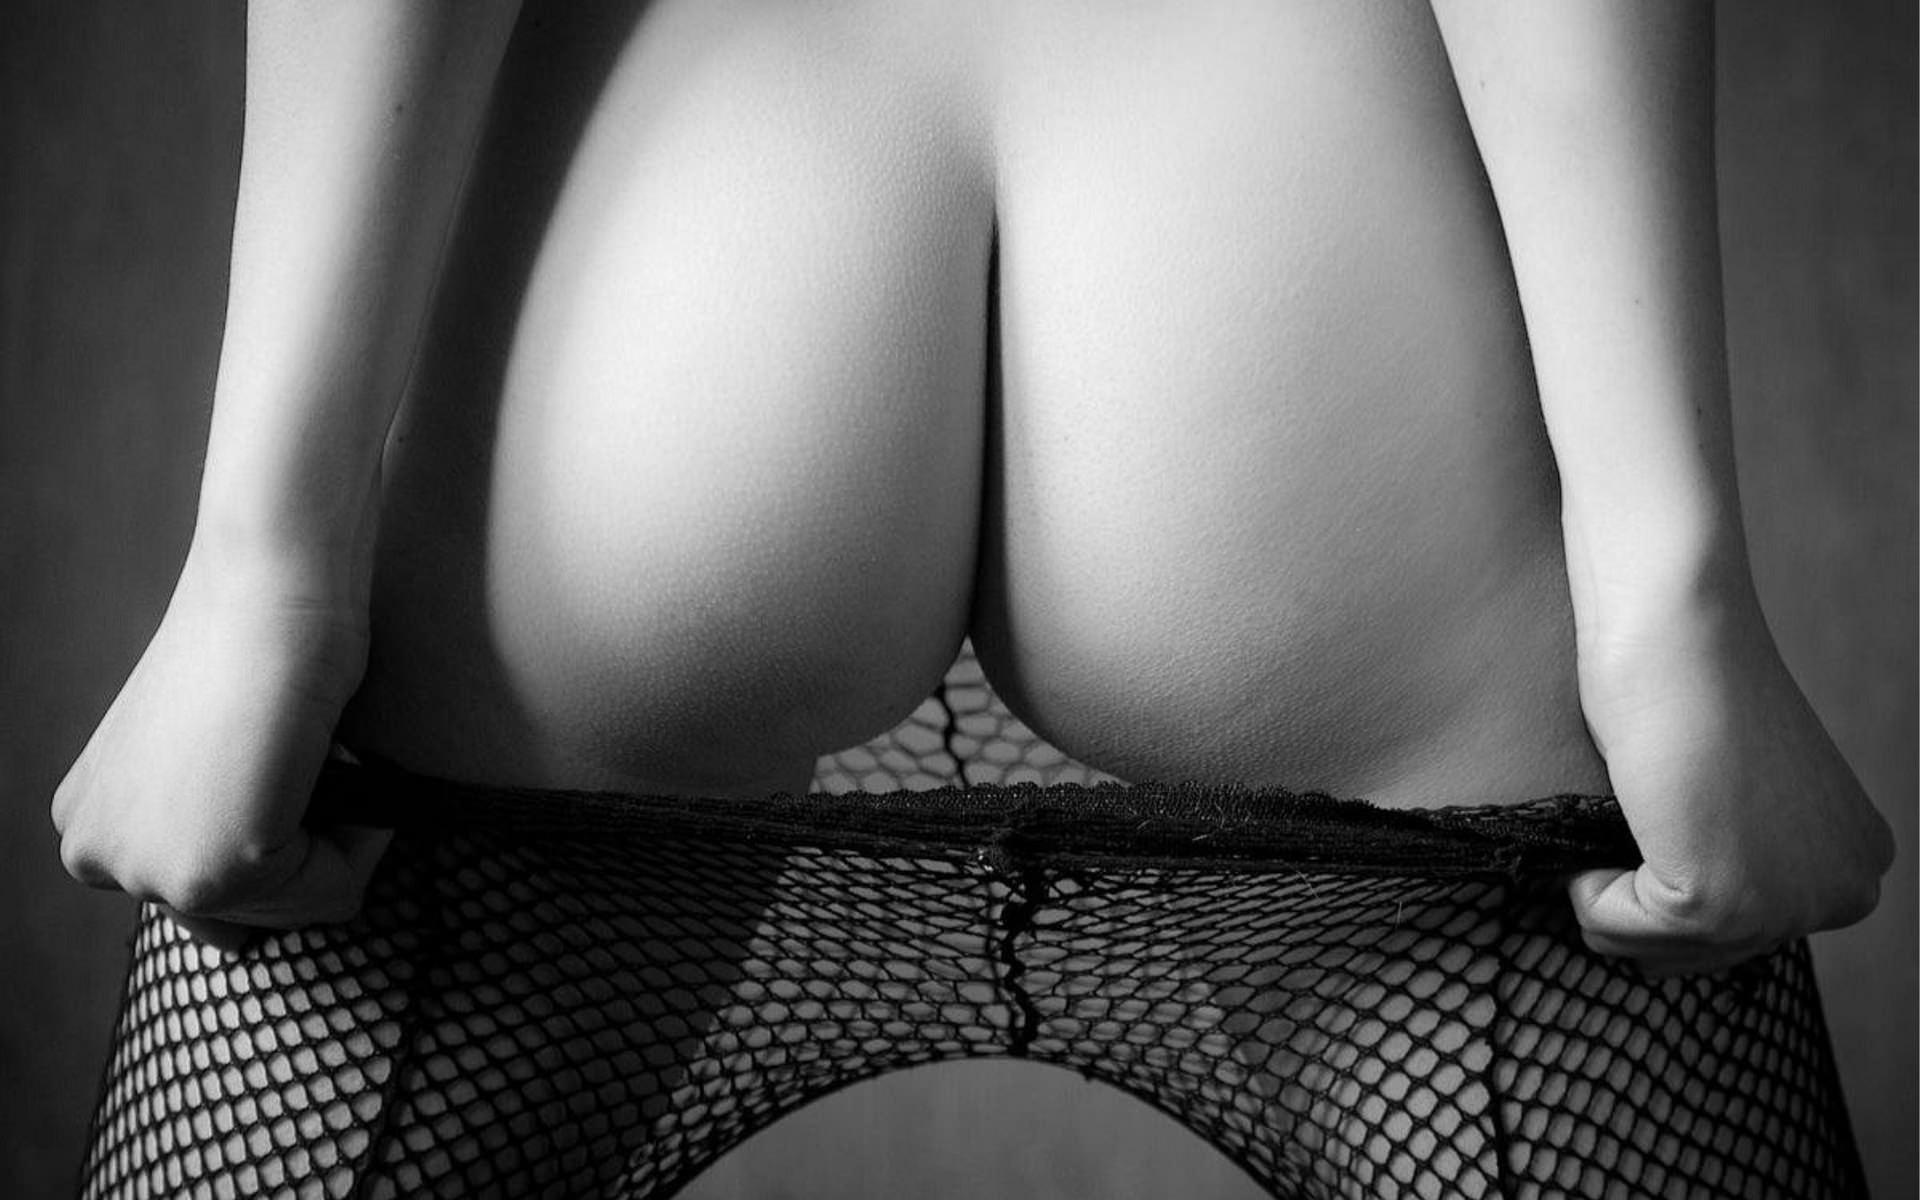 Самые красивые жопы в колготках порно 26 фотография